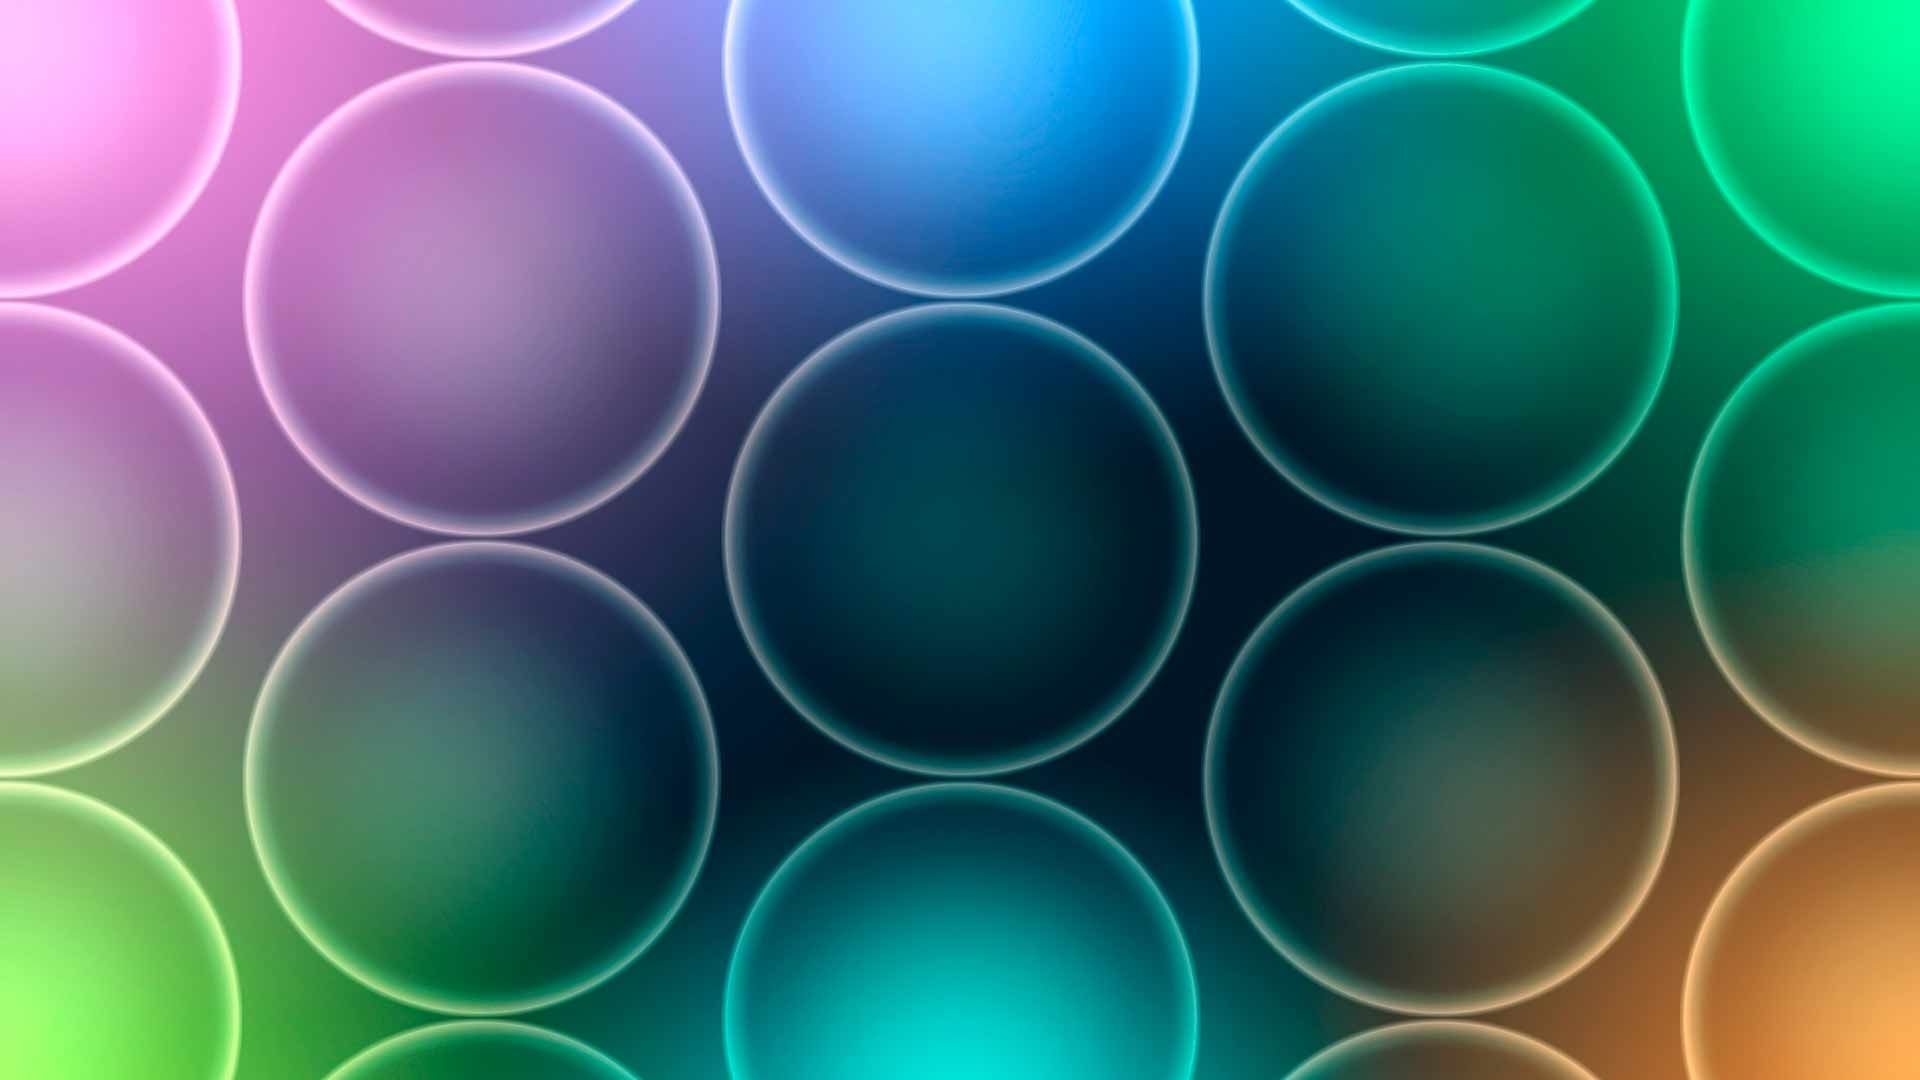 Circle PC Wallpaper HD